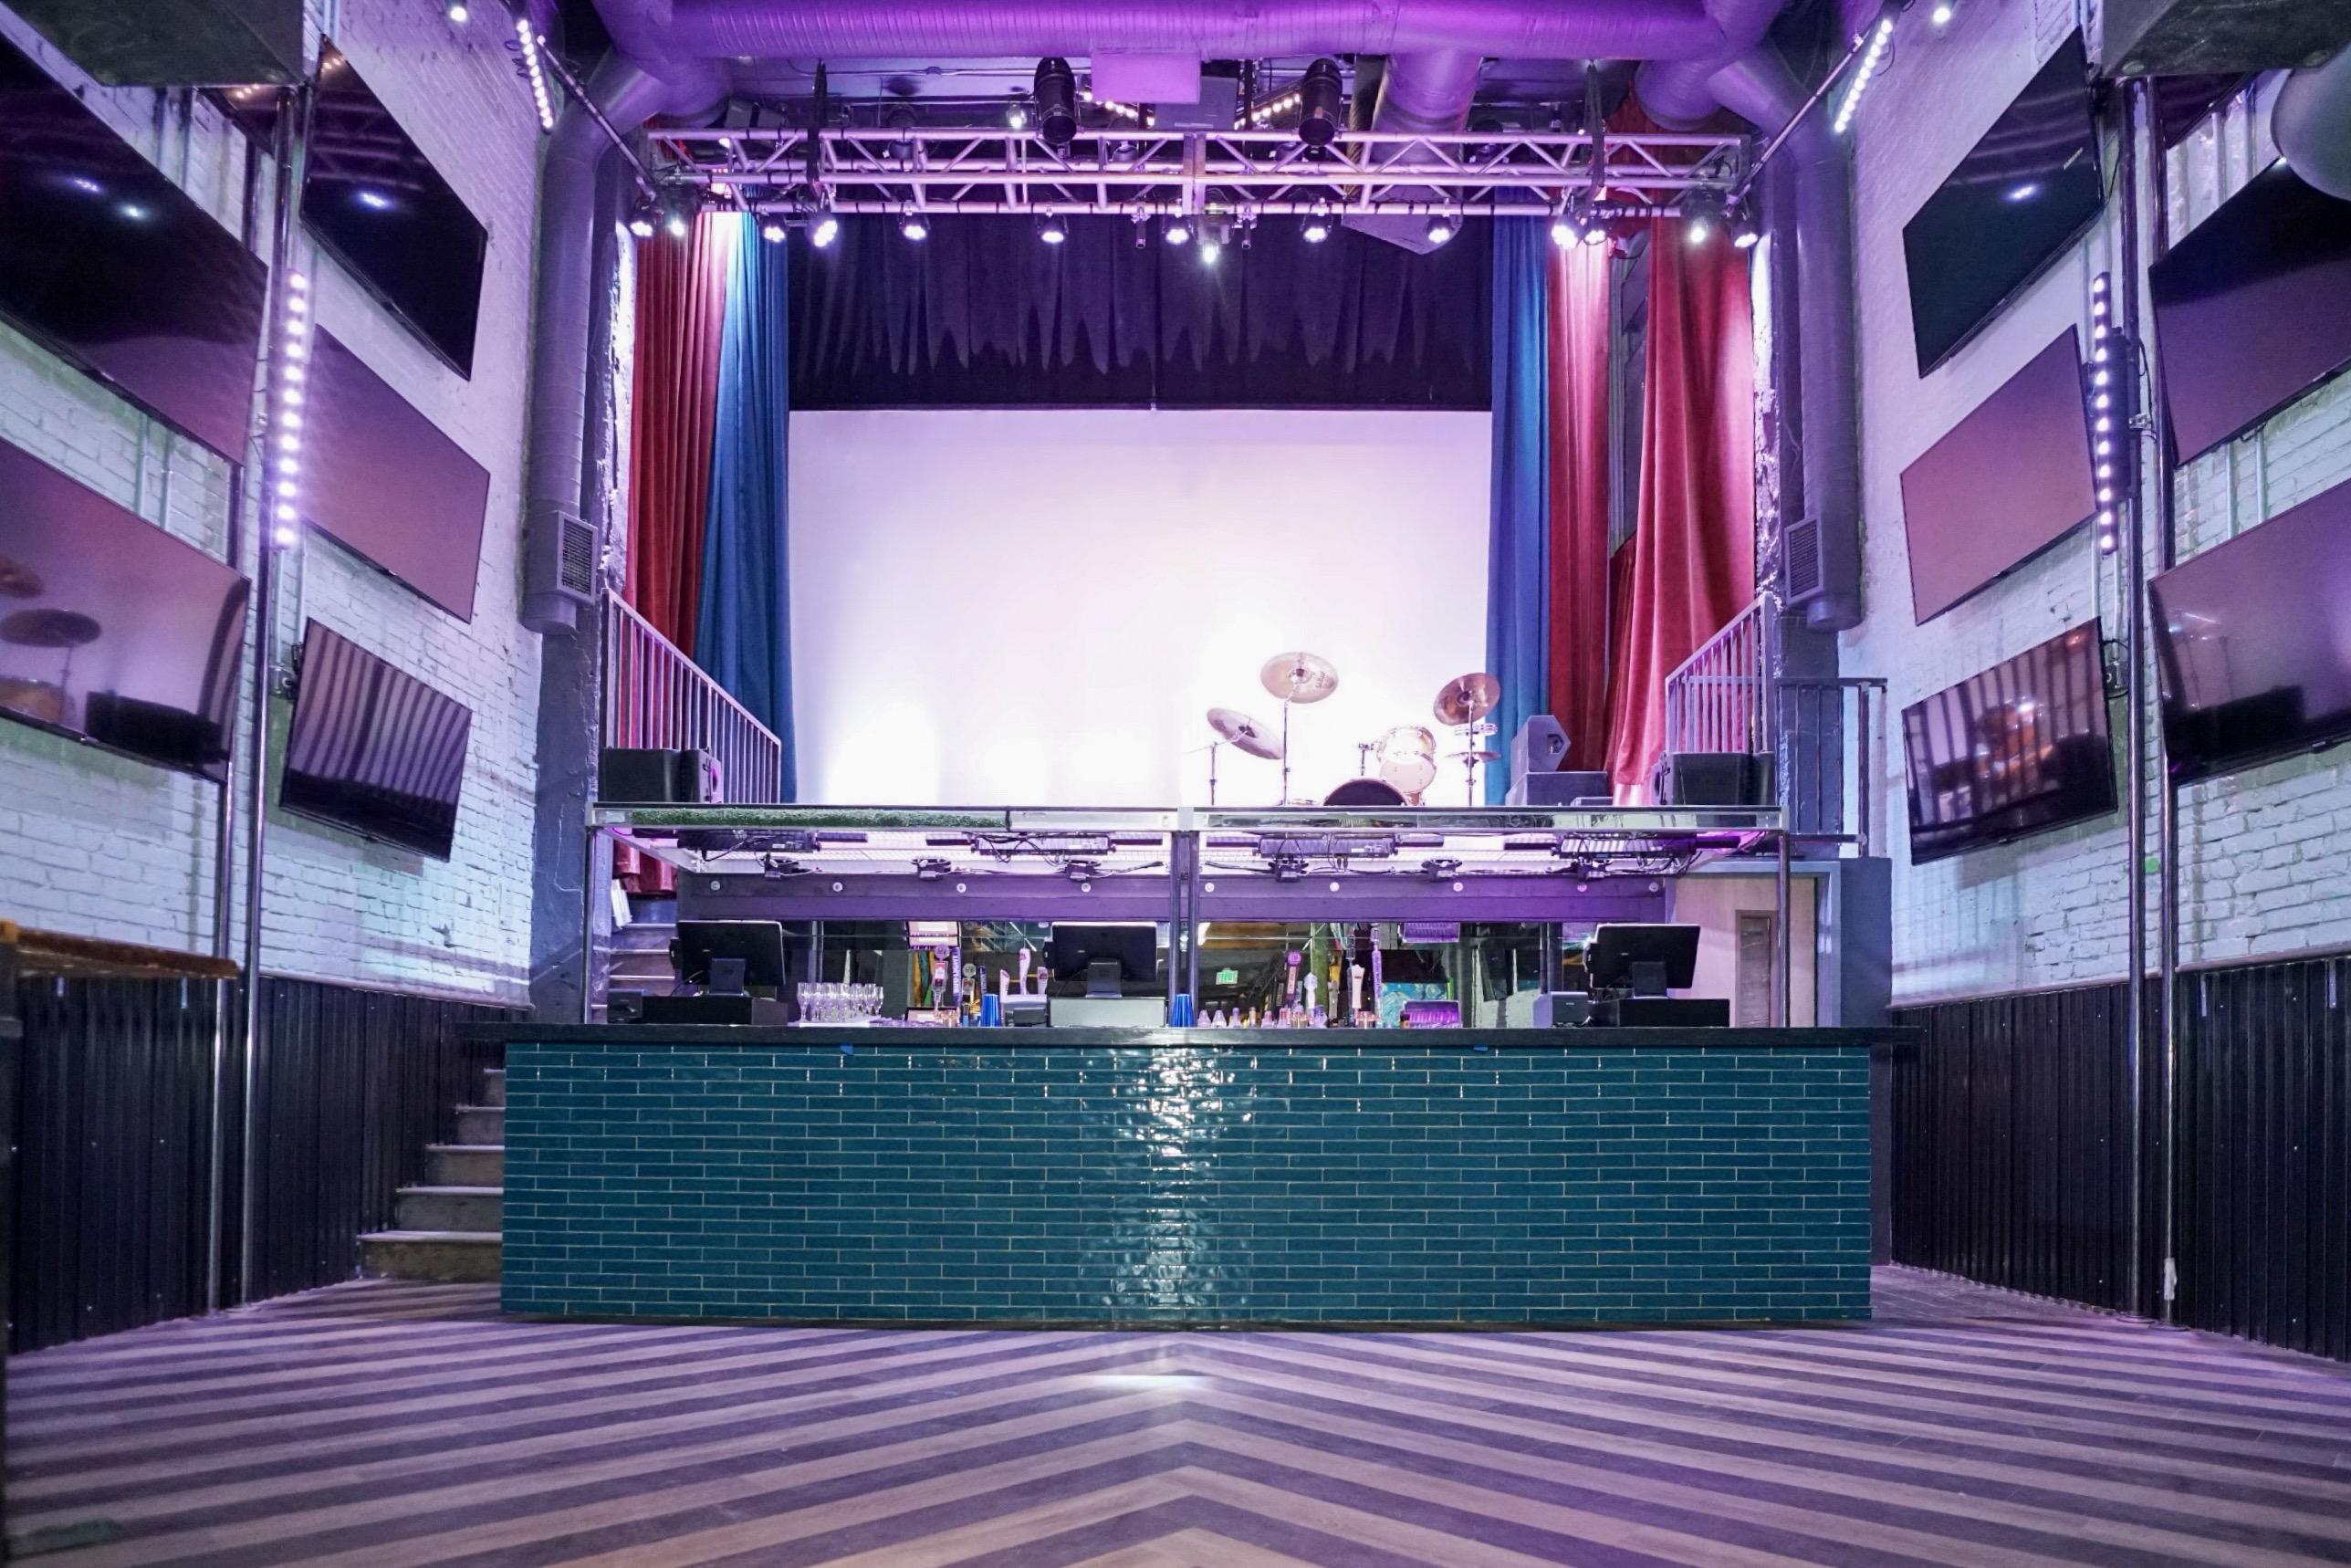 Dupont's Public Bar Makes a Surprise Comeback As a Live Music Venue